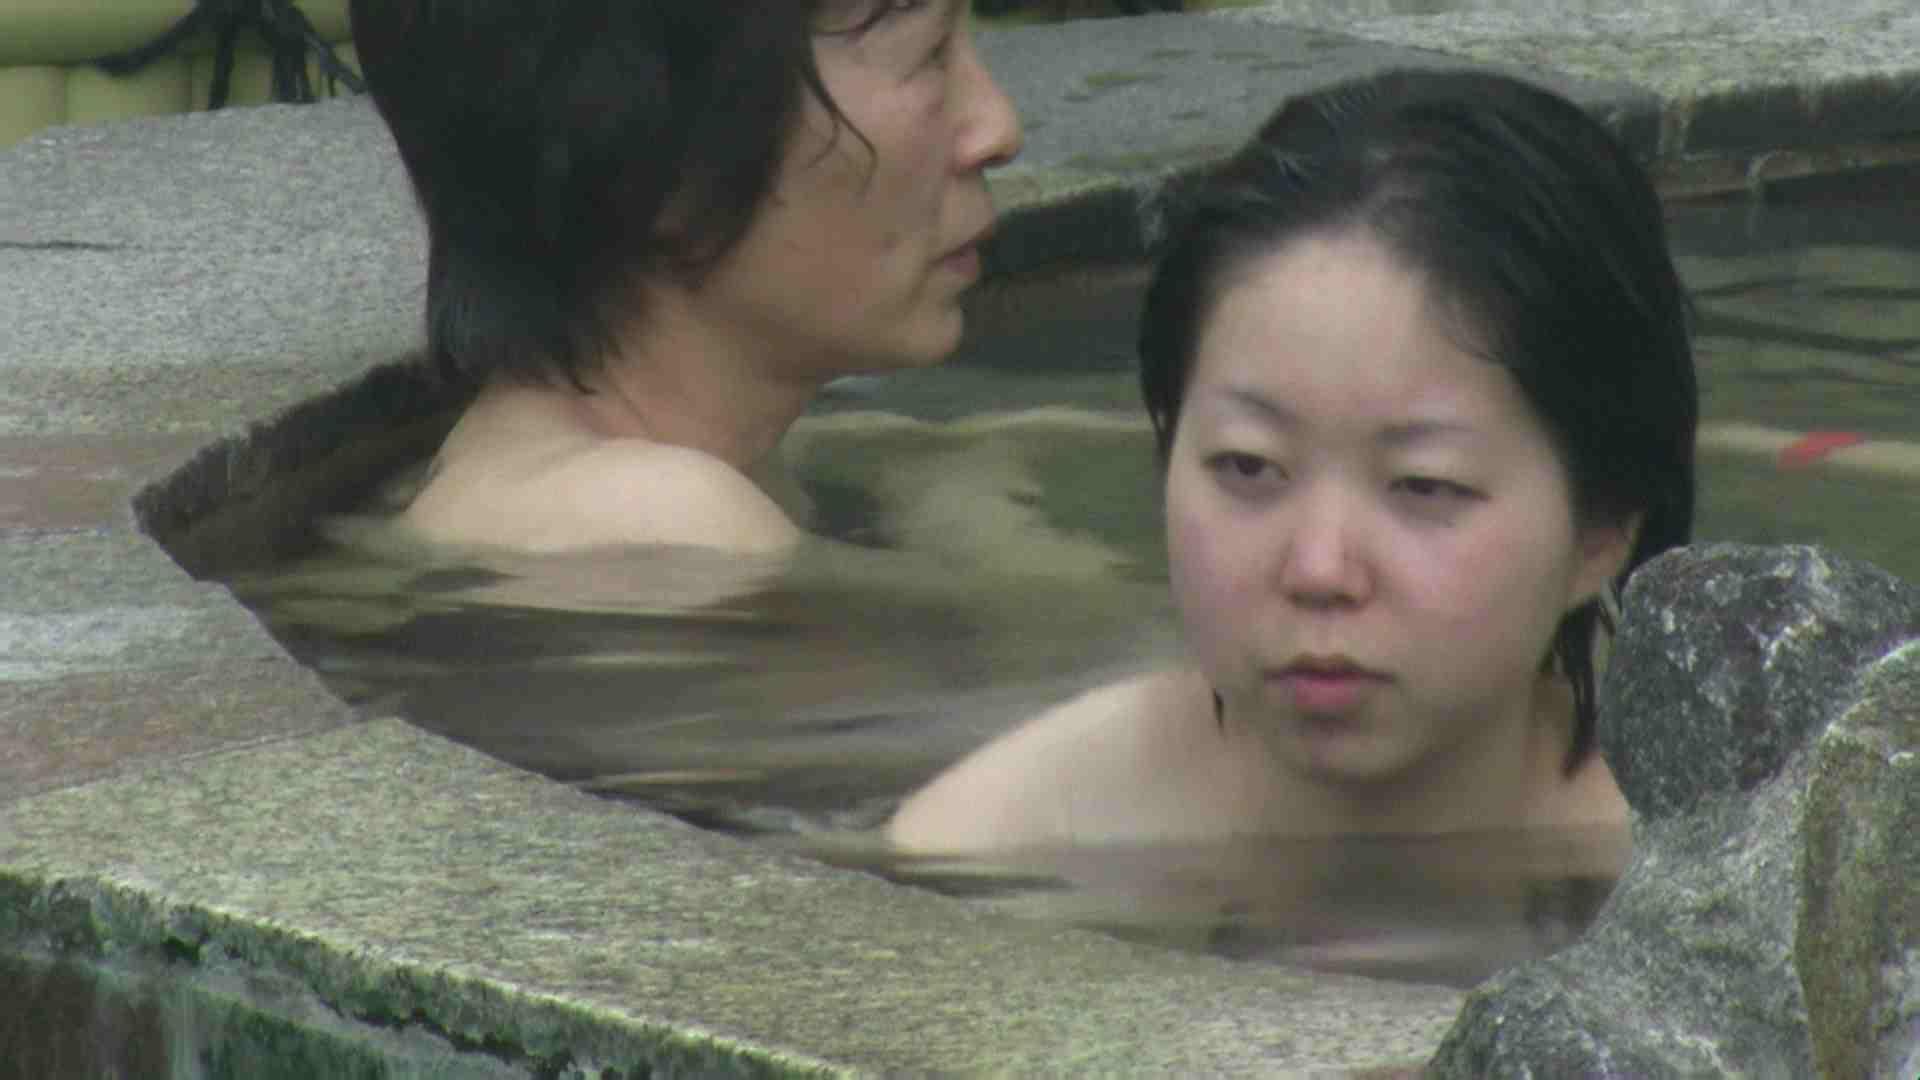 Aquaな露天風呂Vol.06【VIP】 盗撮  113PICs 39